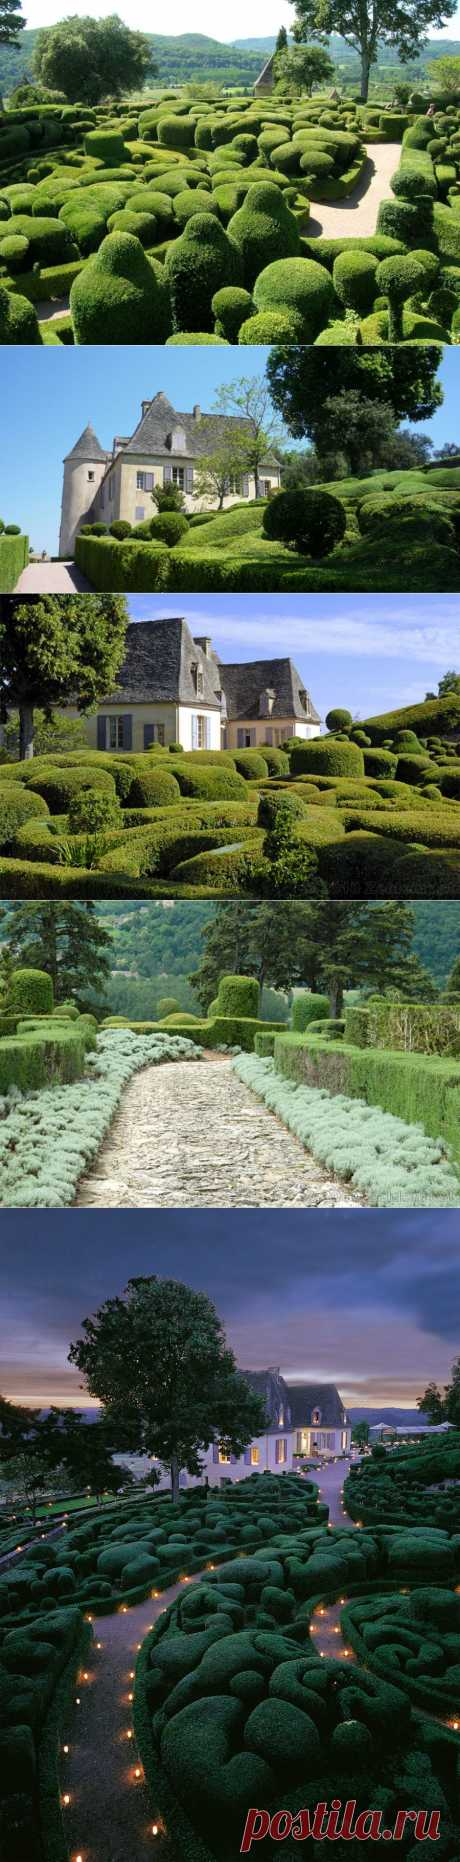 Зачарованные сады Marqueyssac, что в Перигоре, Франция | Наш уютный дом